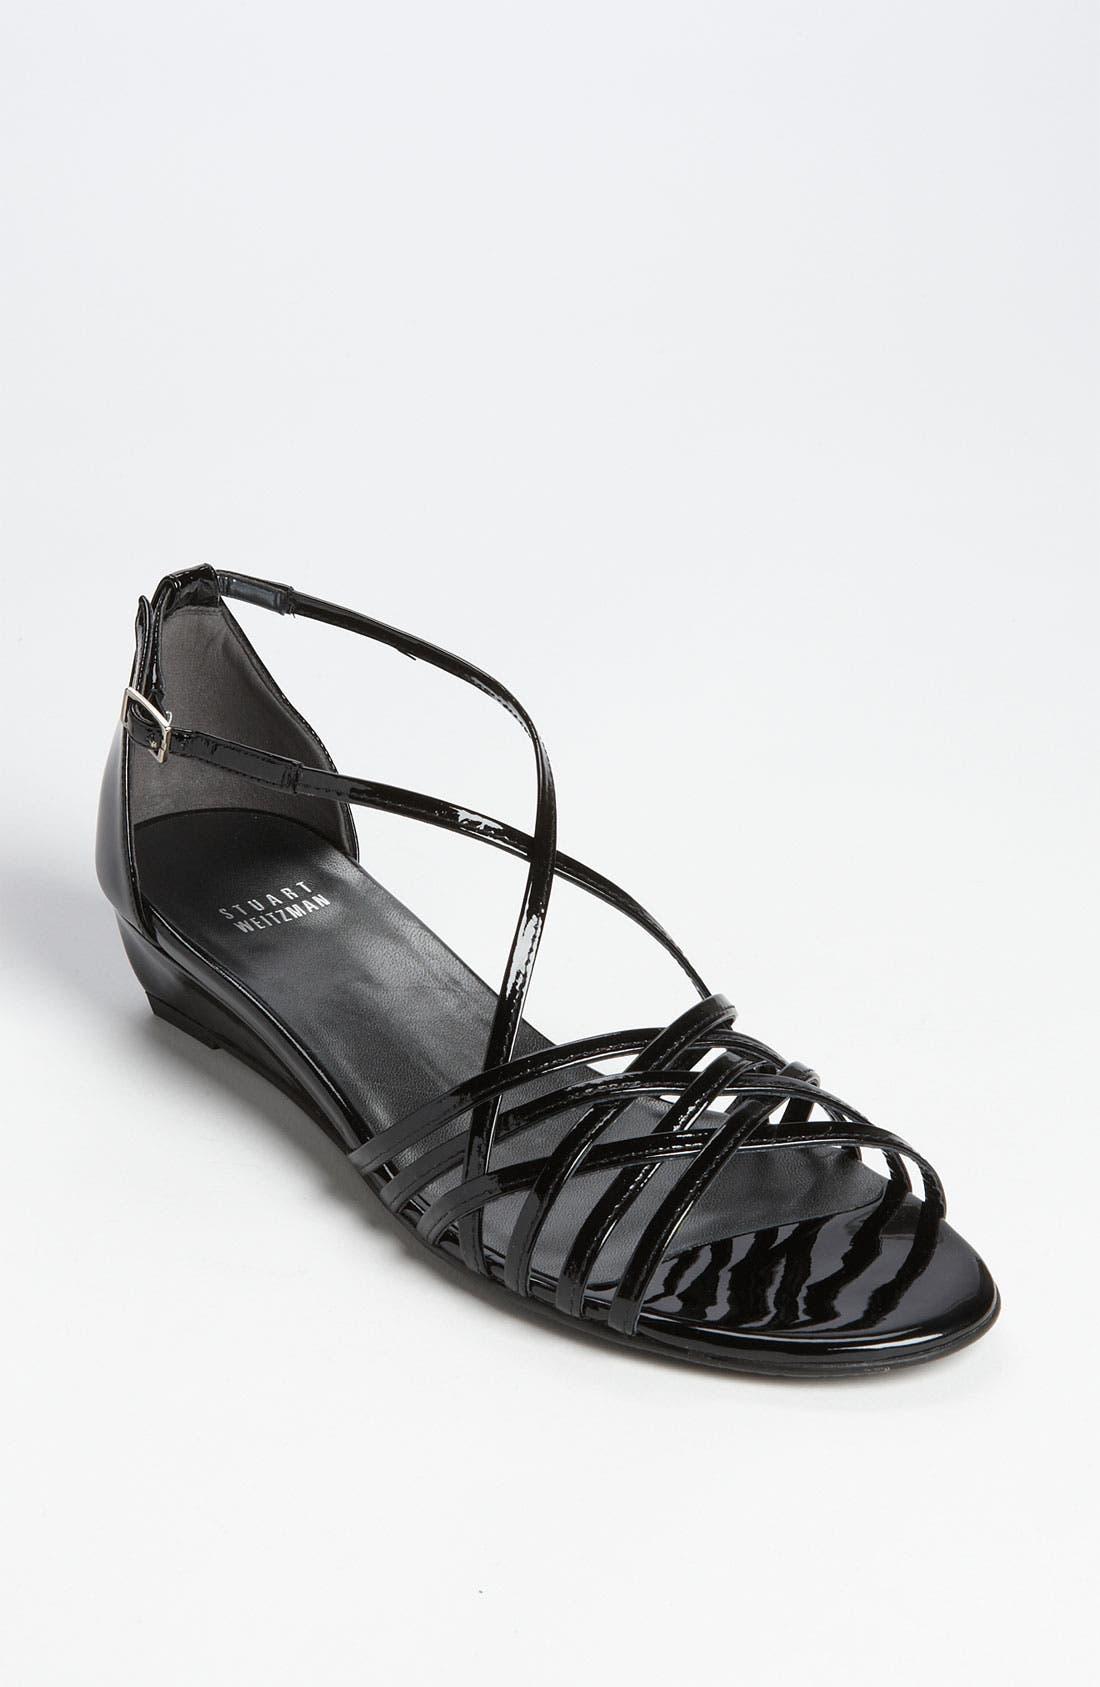 Alternate Image 1 Selected - Stuart Weitzman 'Awaywego' Sandal